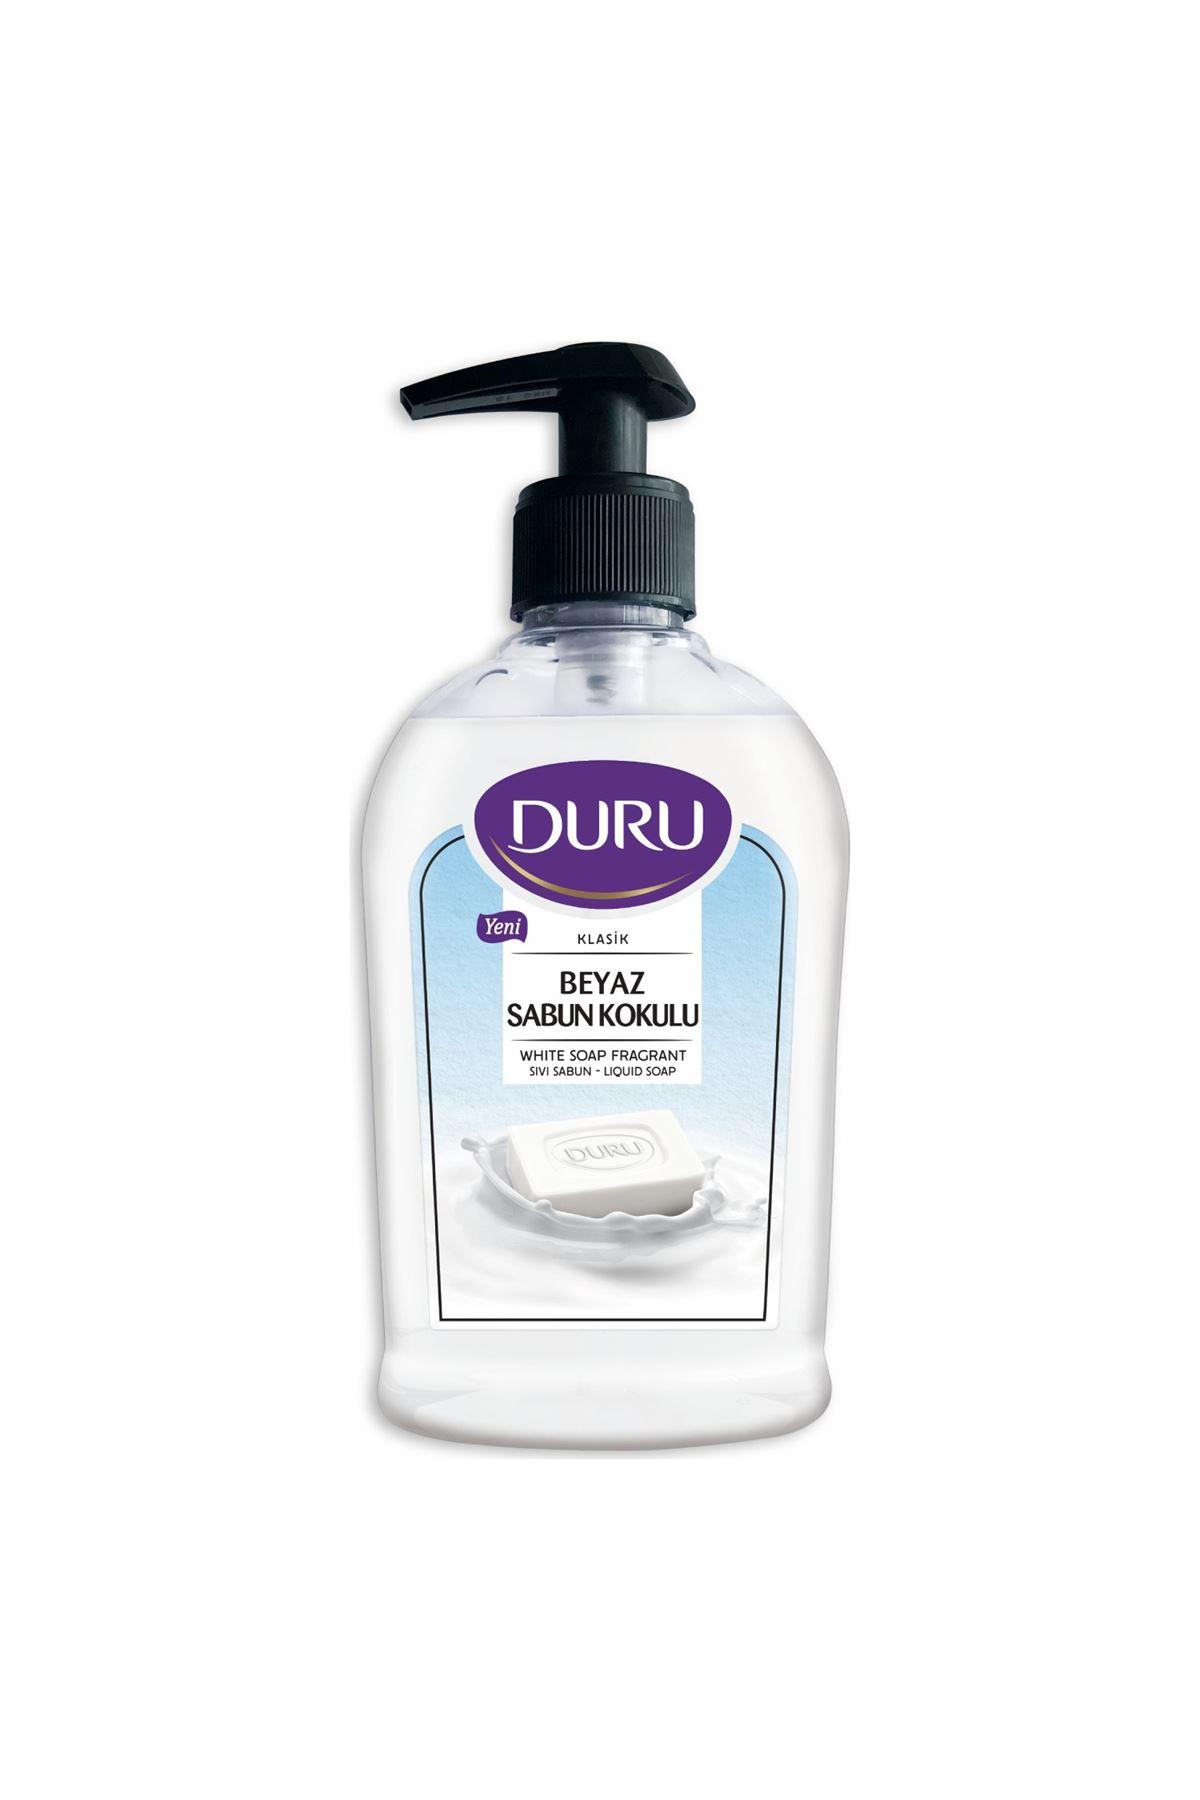 Duru Beyaz Sabun Kokulu Sıvı Sabun 300 ml